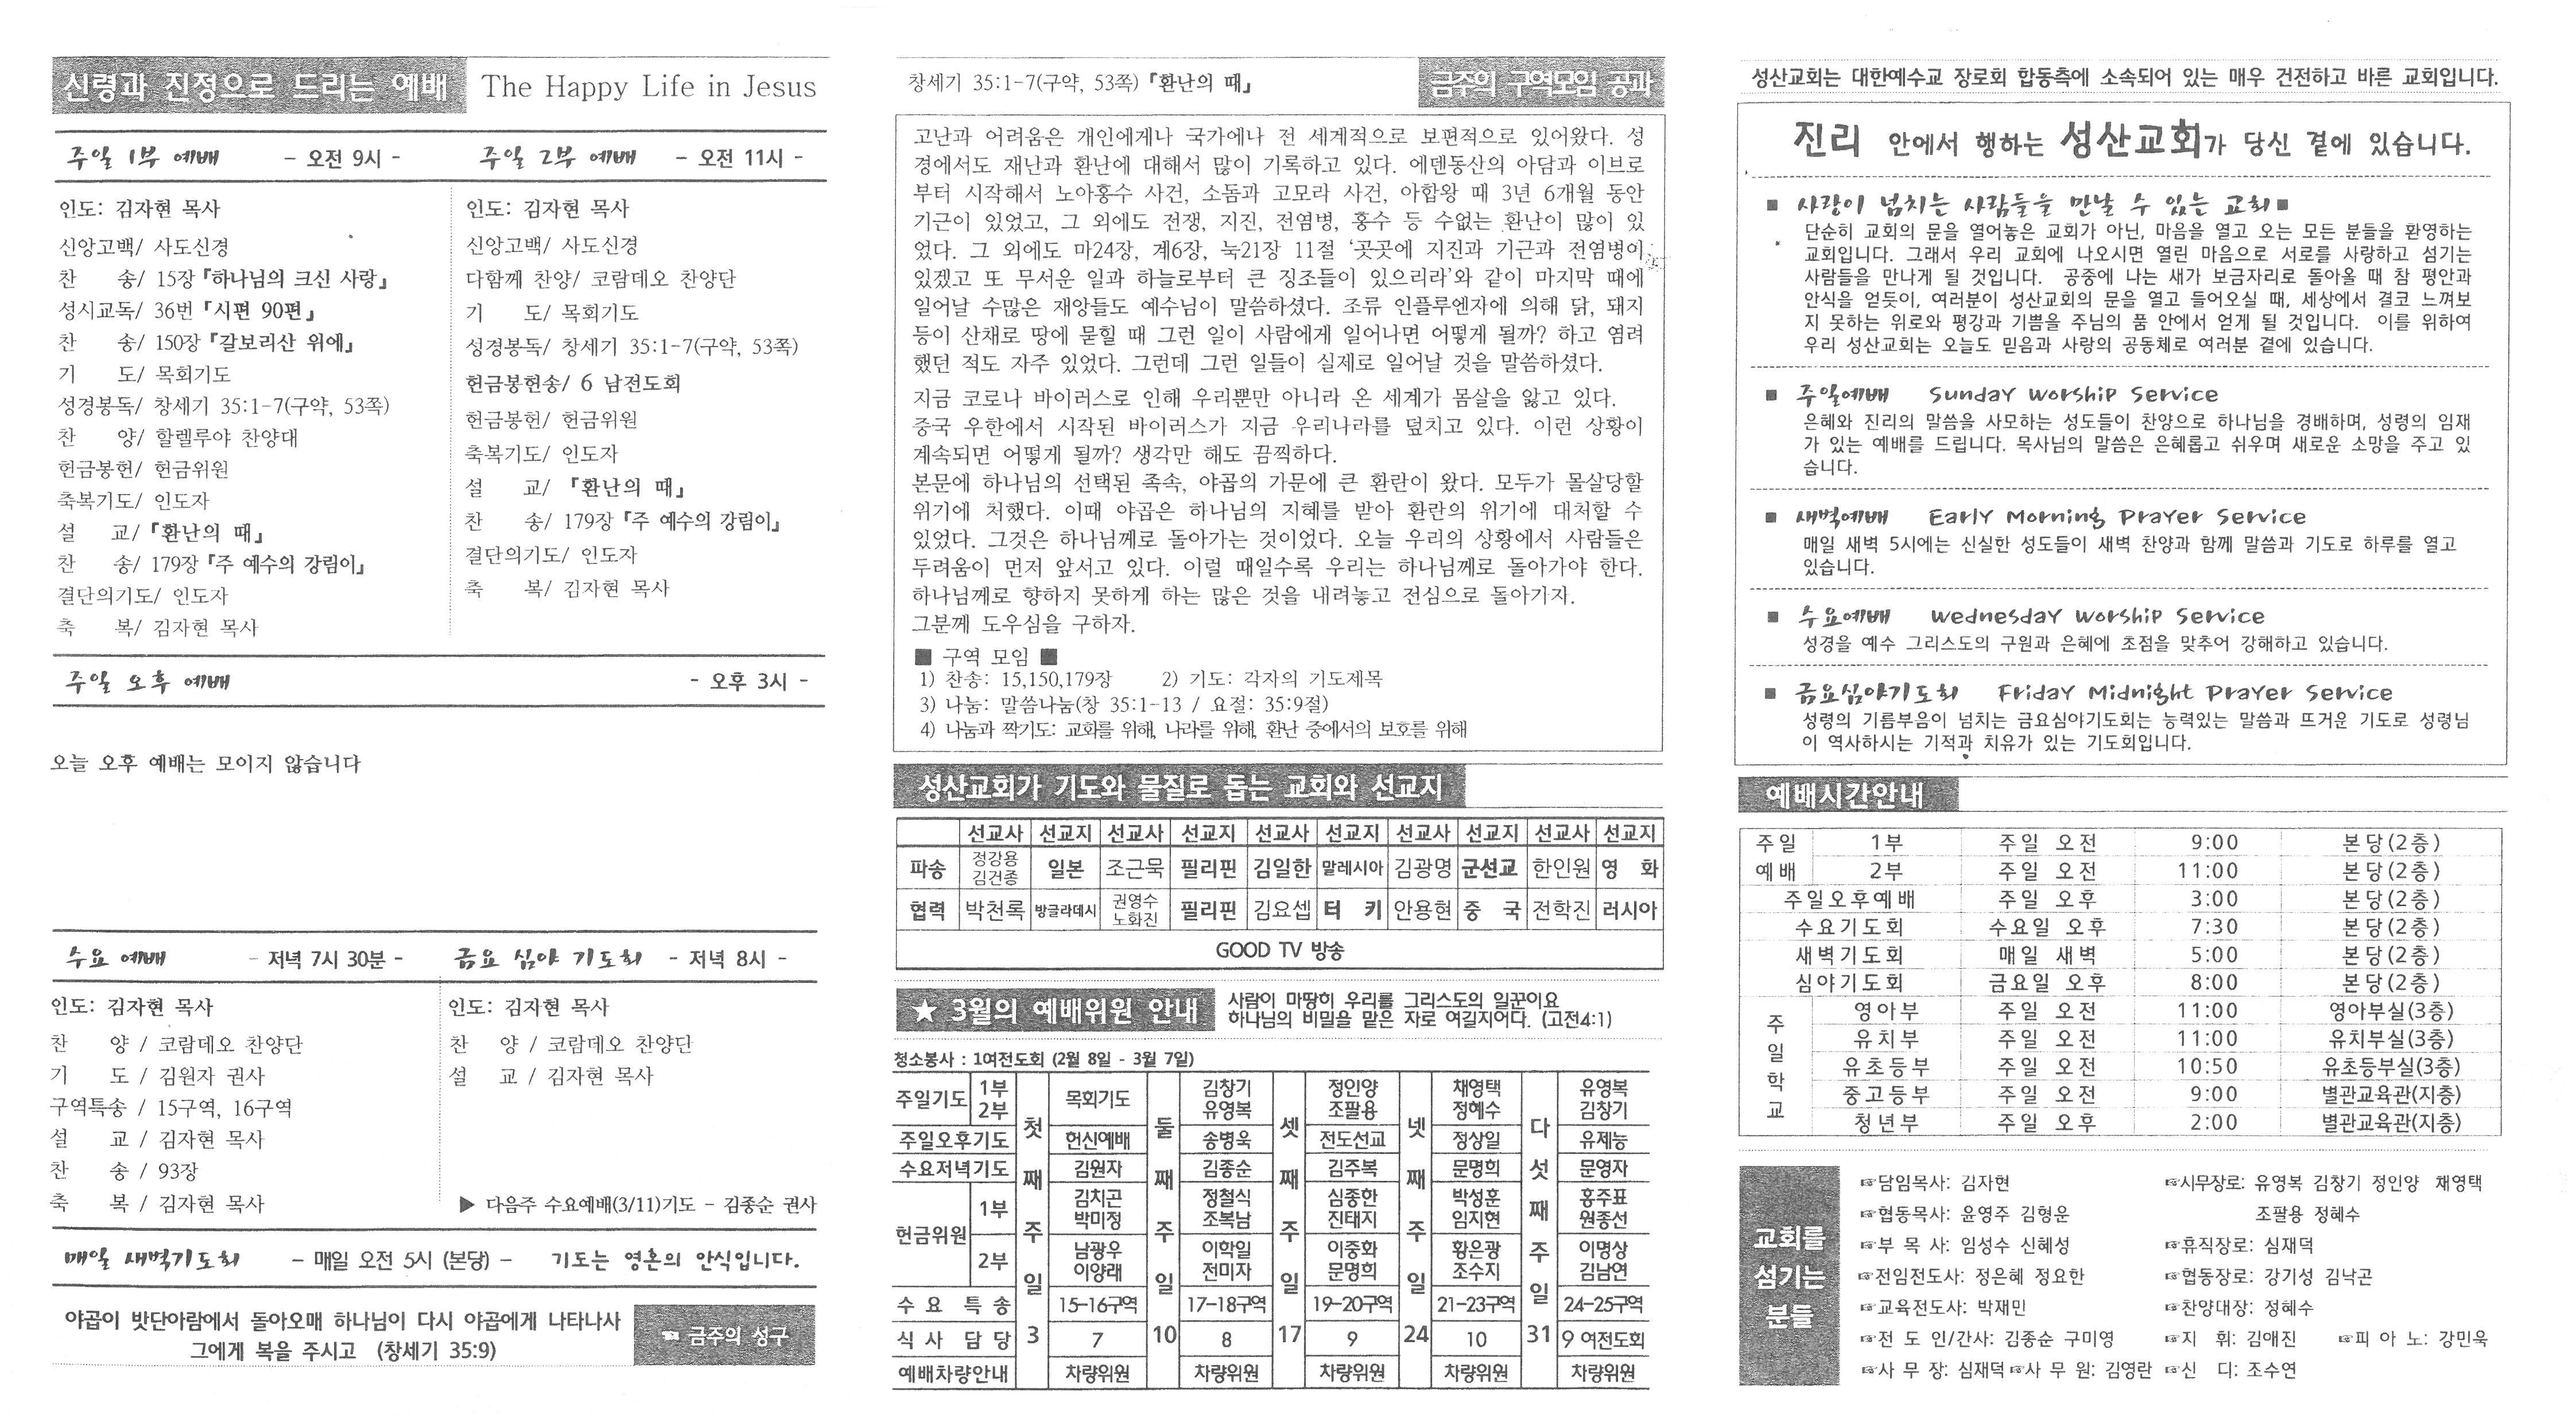 S22C-6e20030111061_0001.jpg